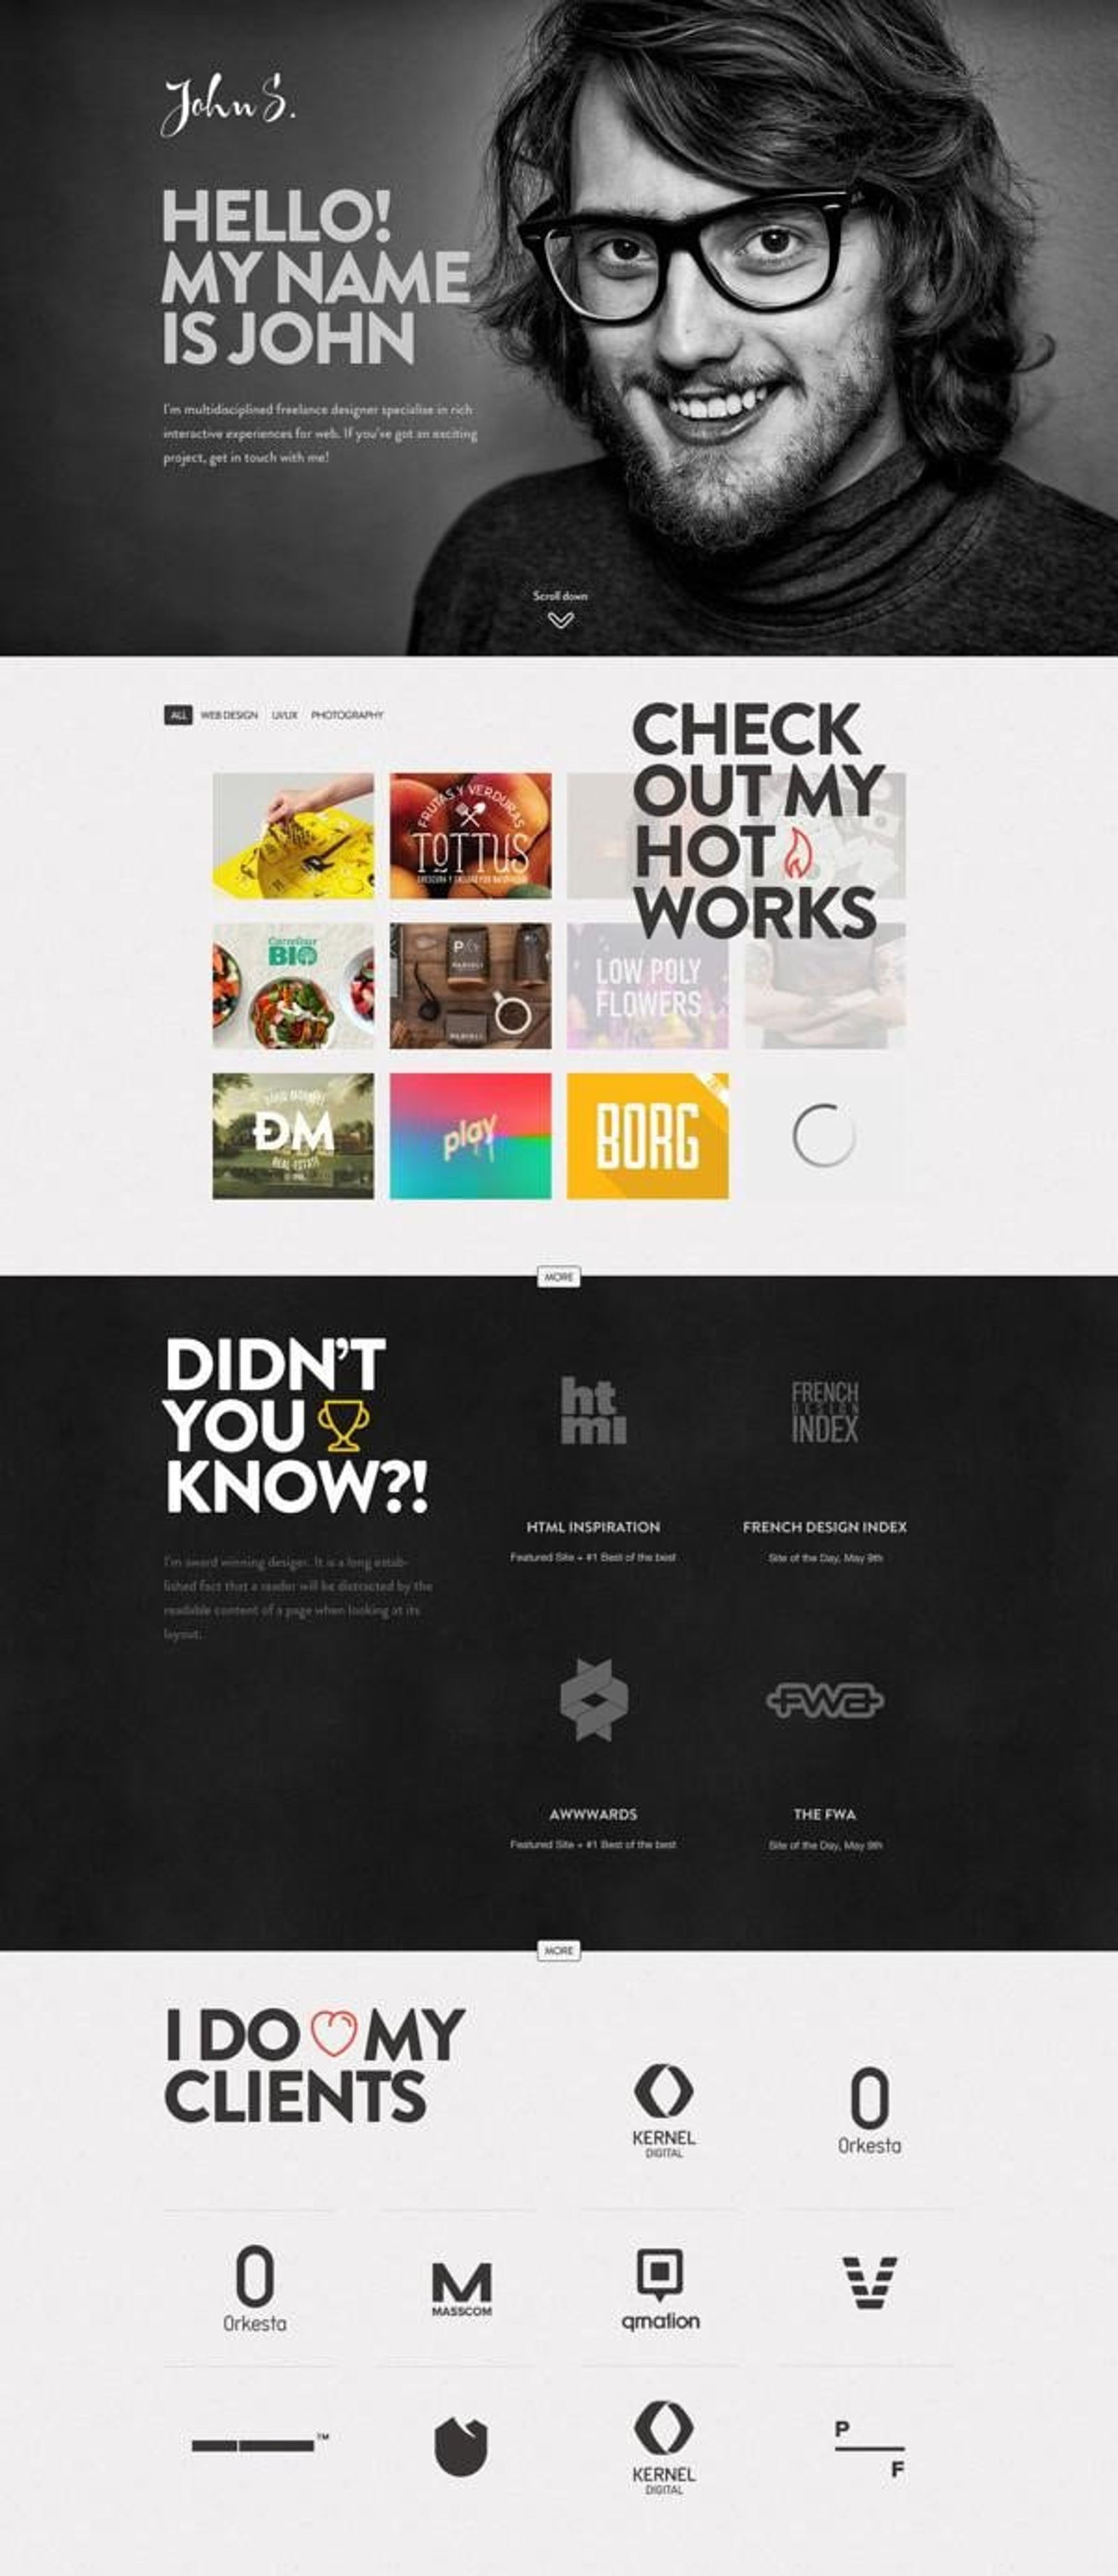 Voorbeeld portfolio cv gemaakt met Canva.com